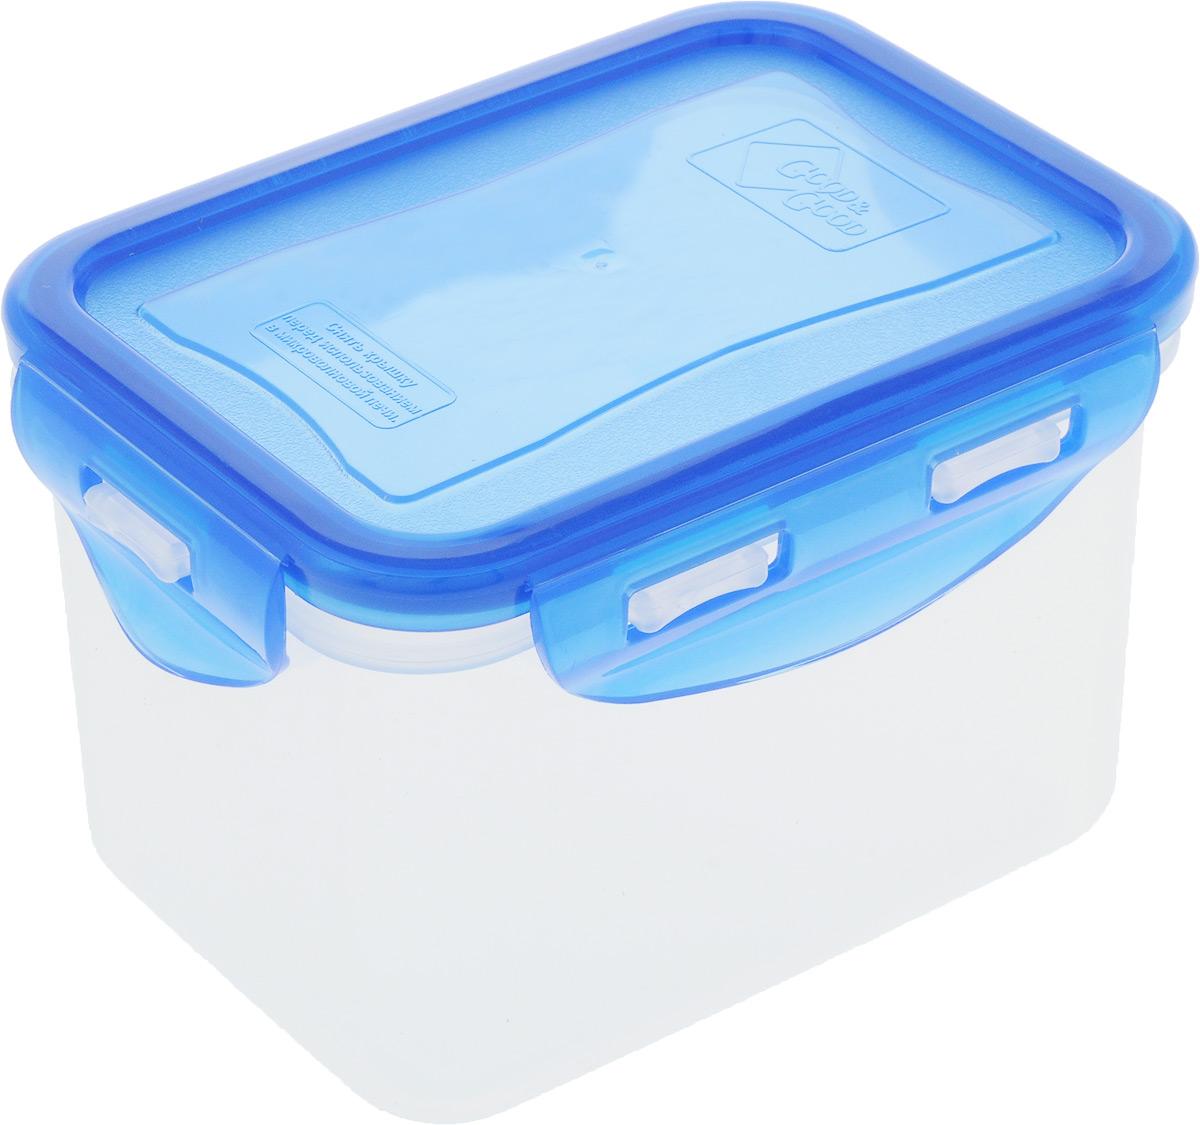 Контейнер пищевой Good&Good, прямоугольный, цвет: прозрачный, синий02-2/COLORS_прозрачный, синийКонтейнер пищевой Good&Good, прямоугольный, цвет: прозрачный, синий